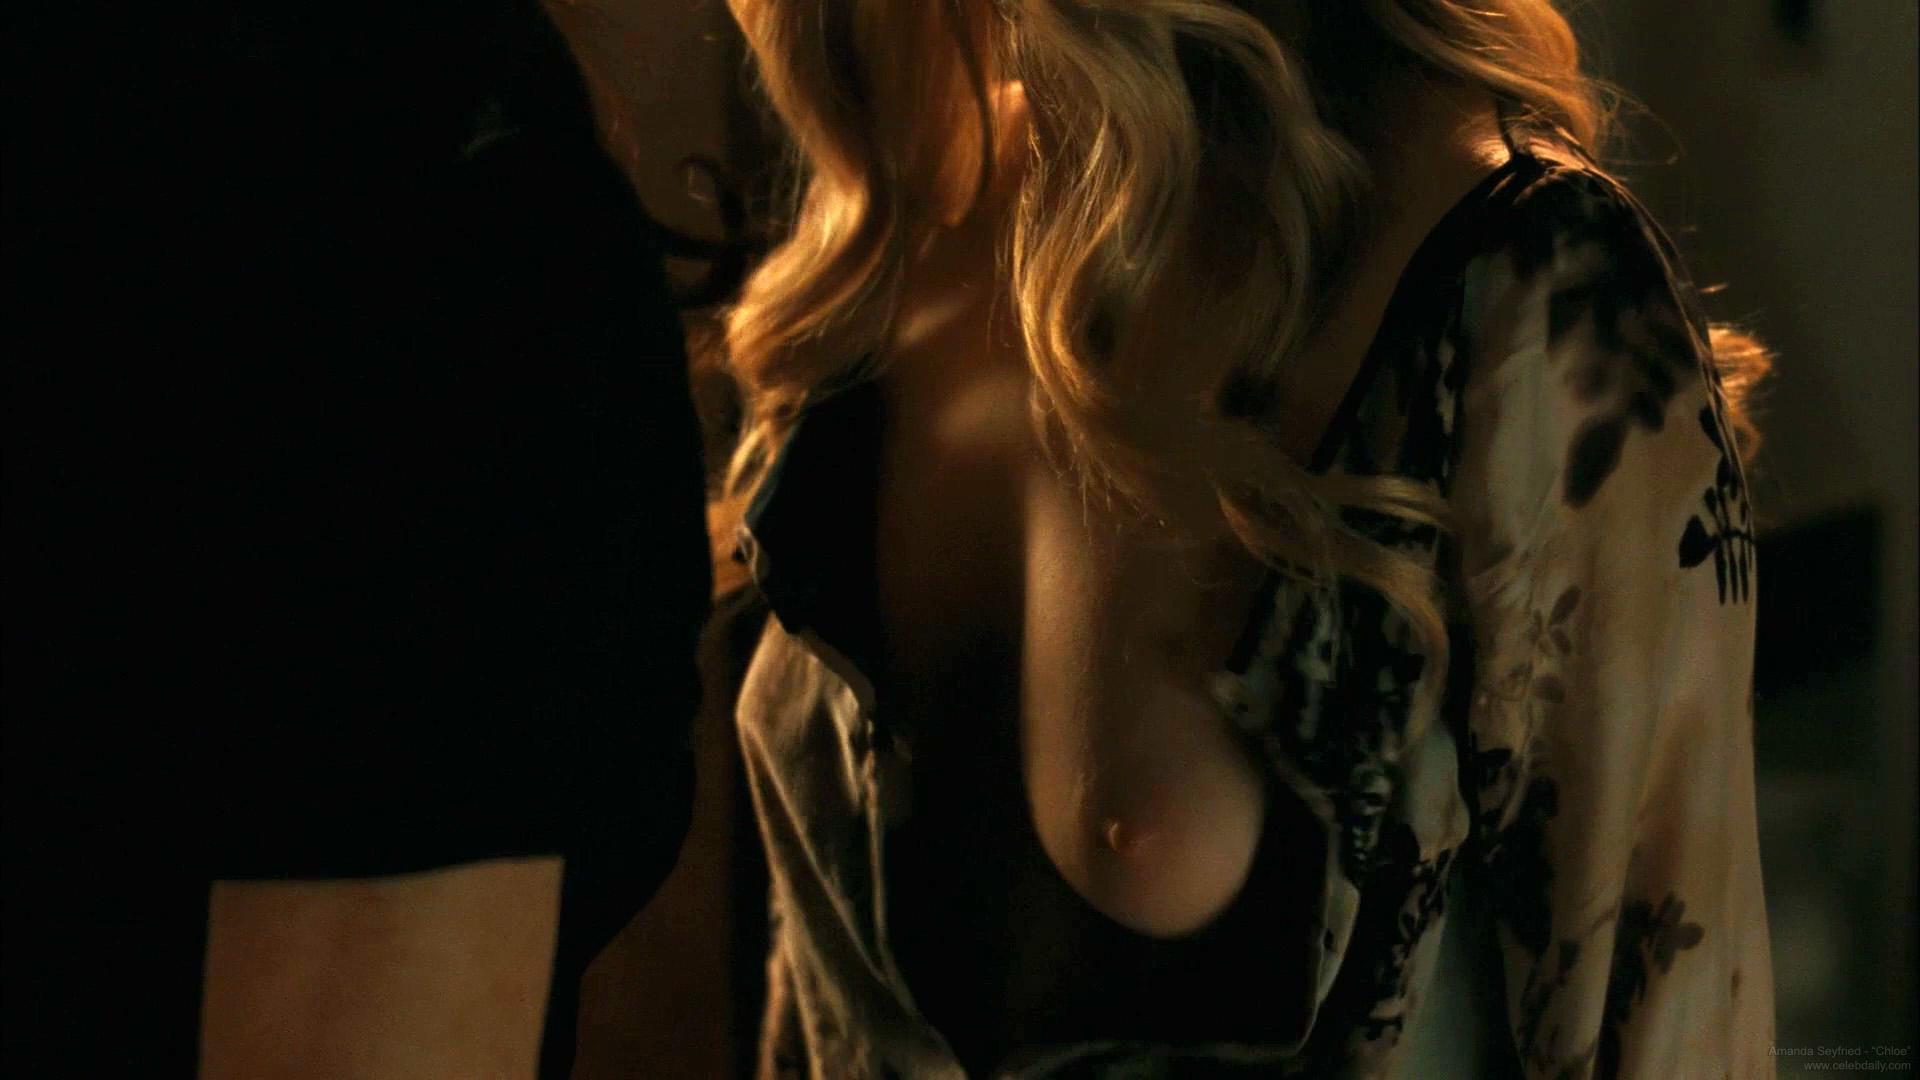 Women naked asshole photos